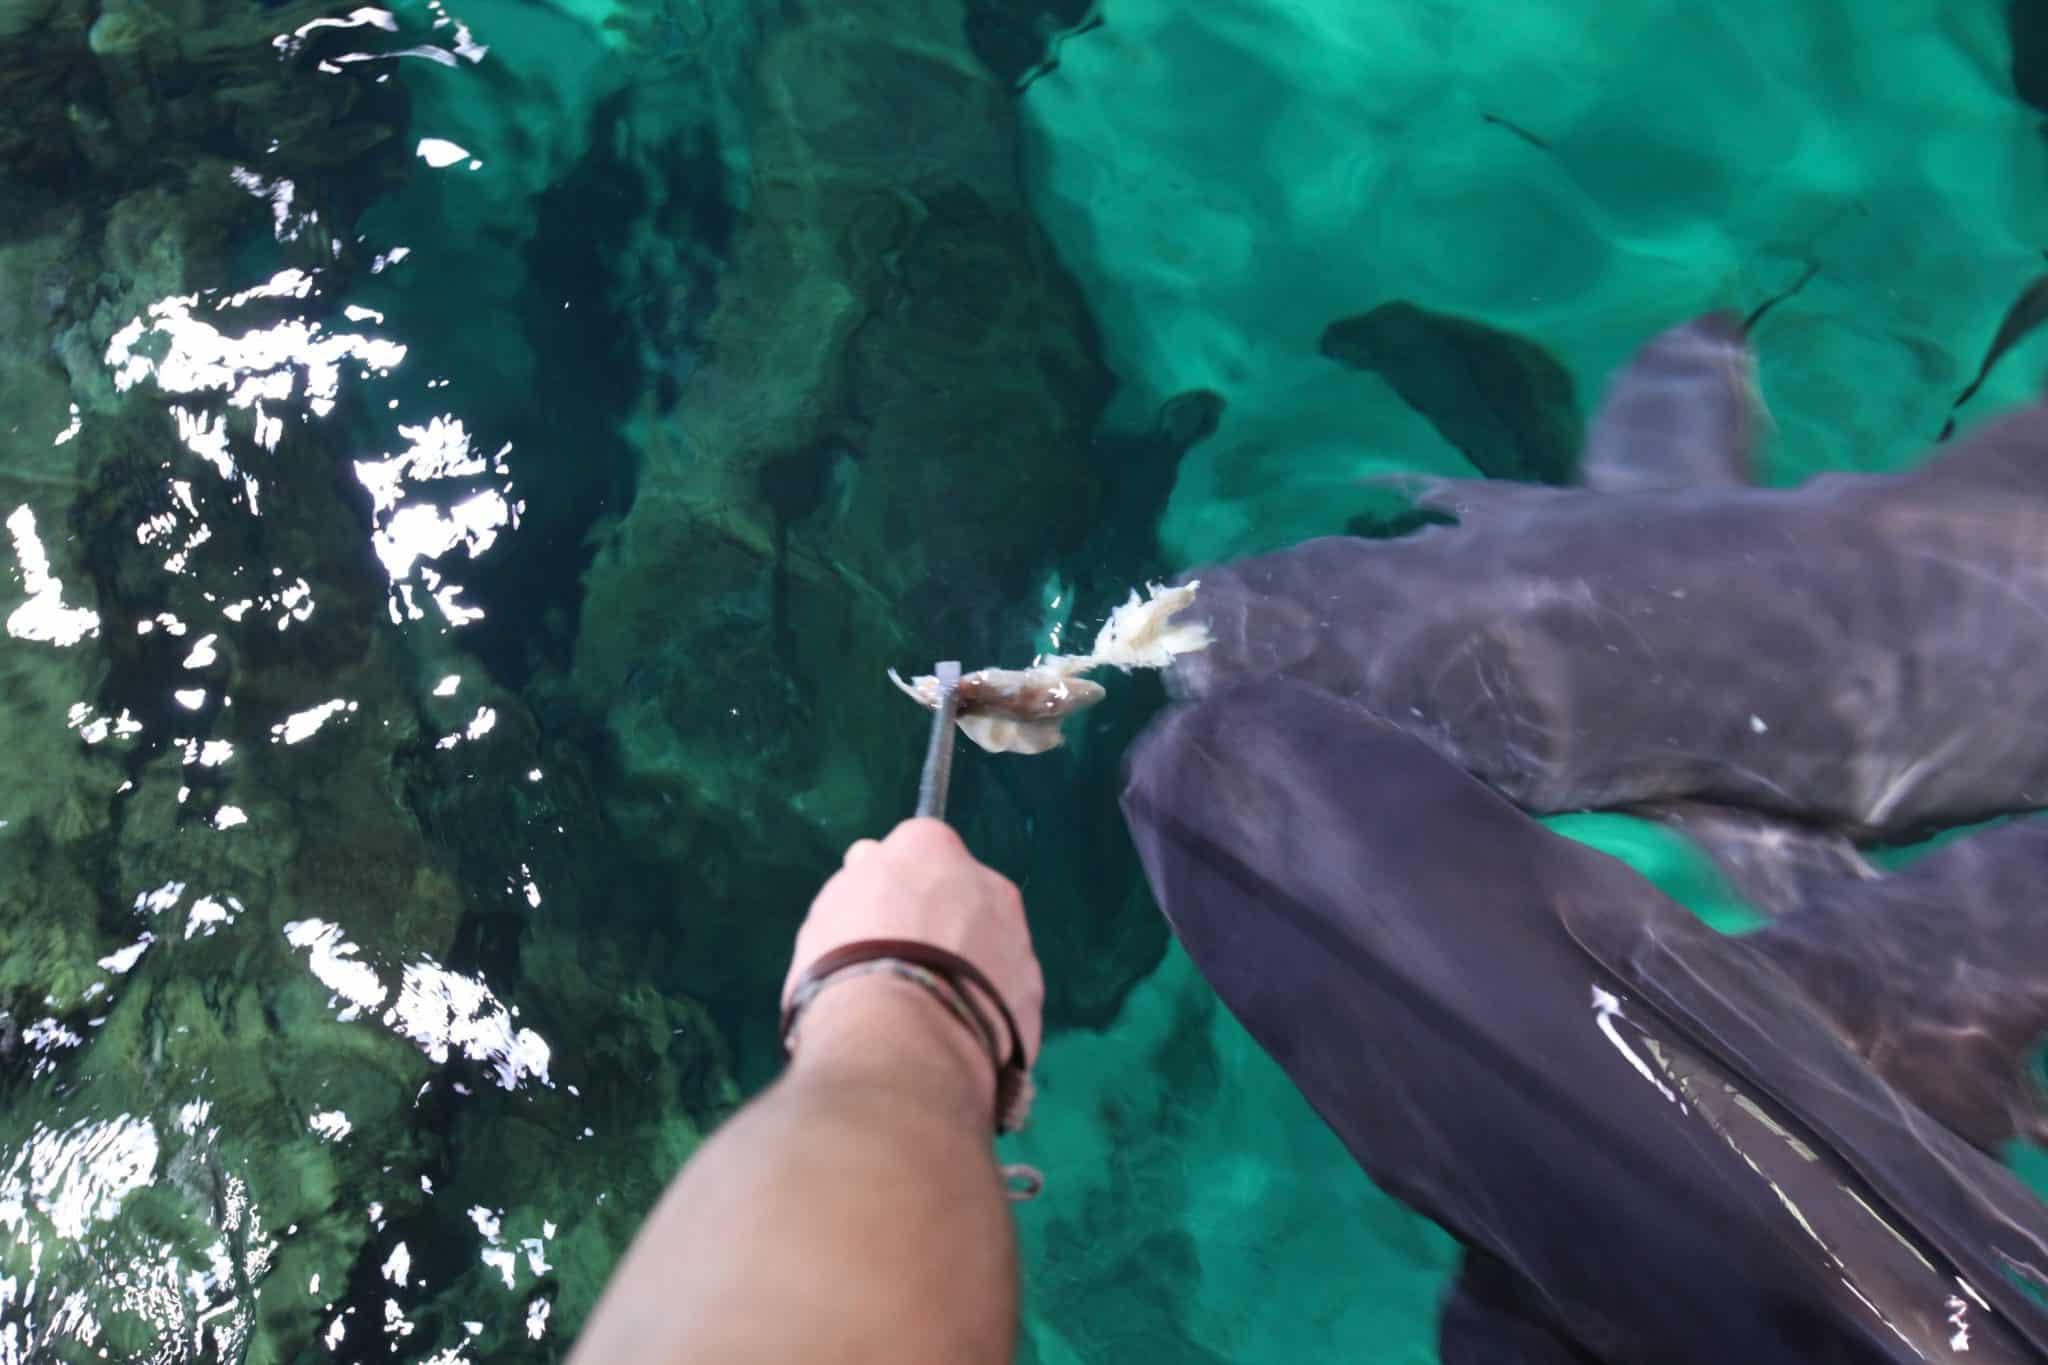 Nourrissage des requins - Aquarium de Paris